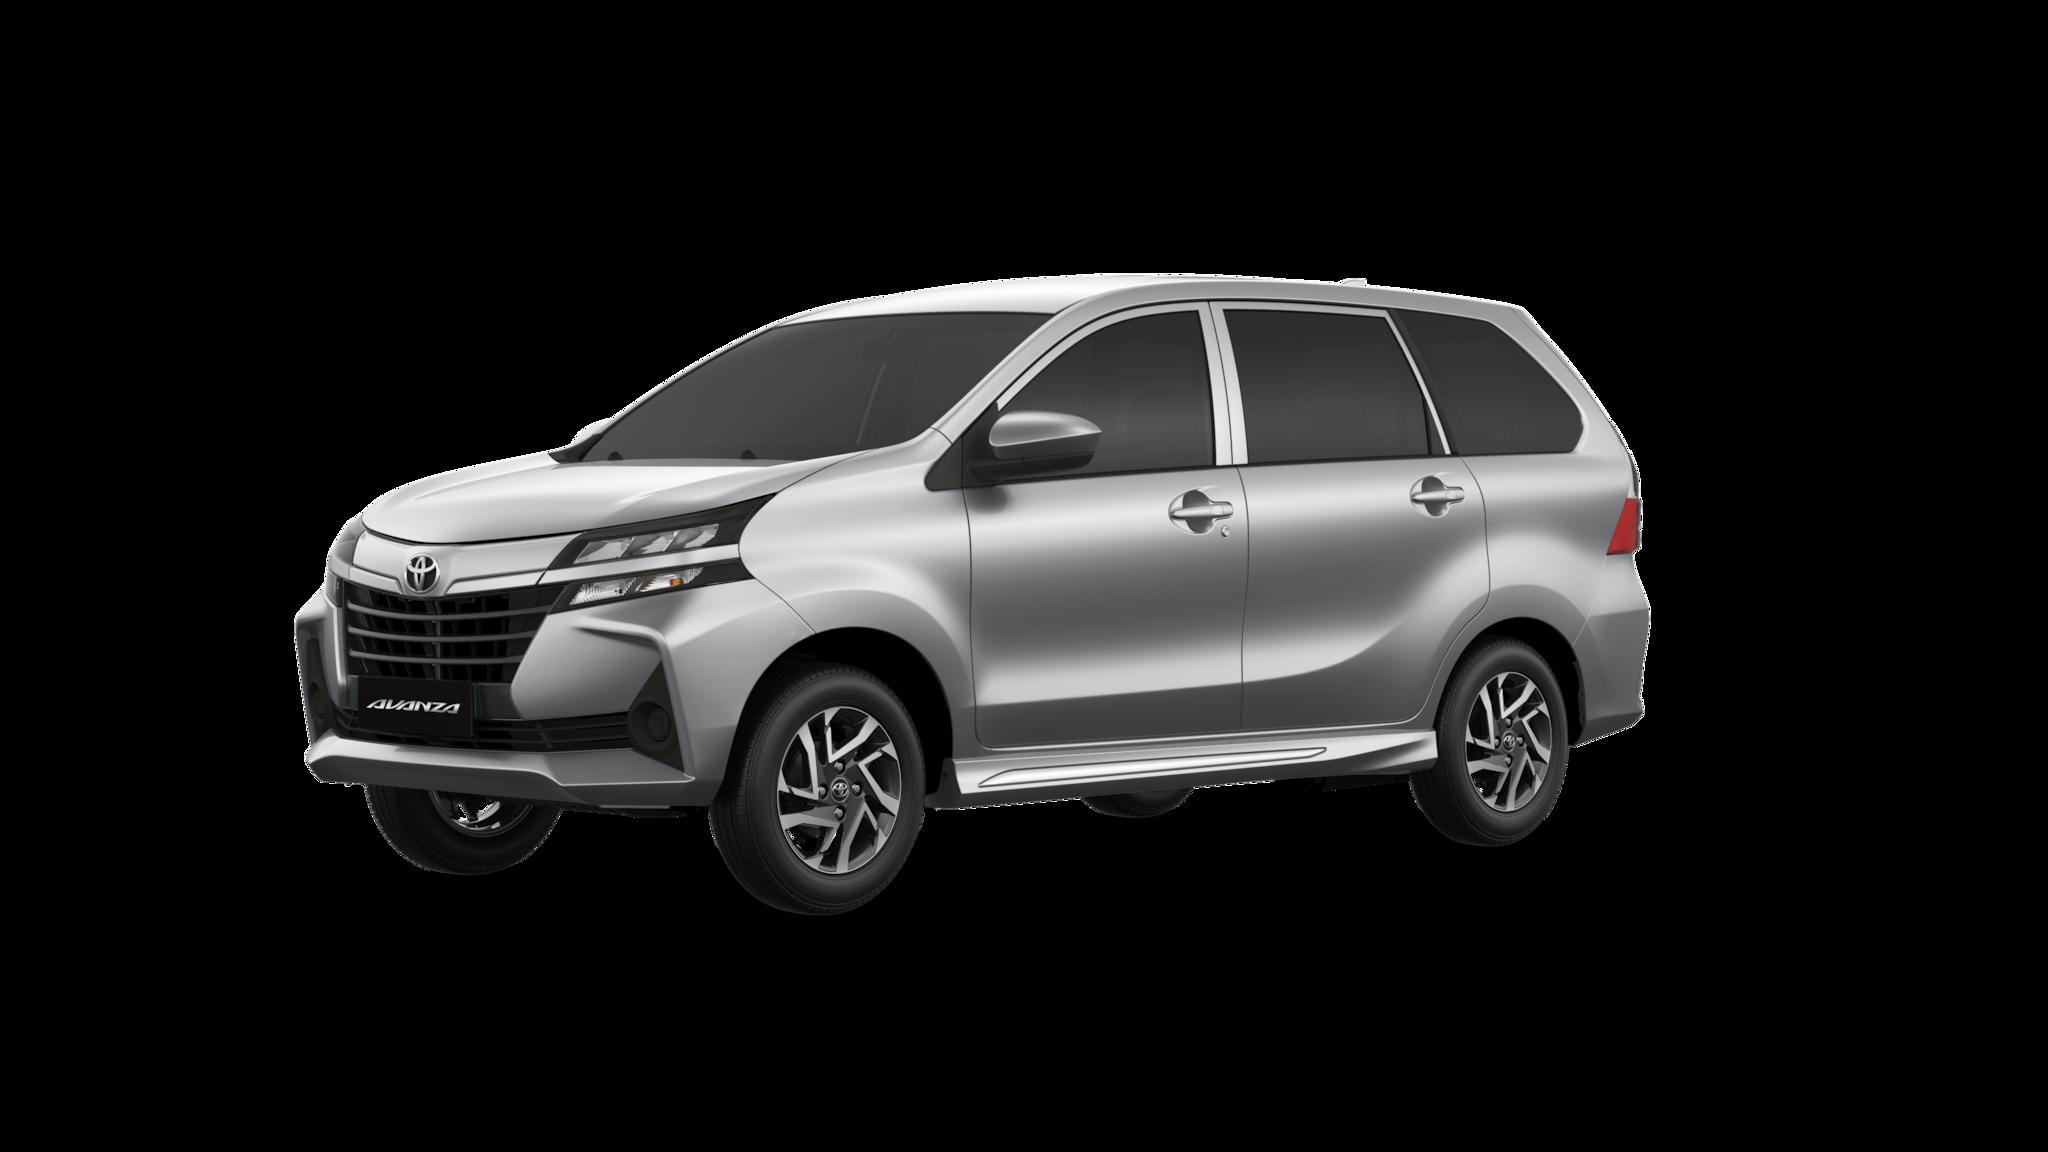 Kelebihan Kekurangan Toyota Avanza Review